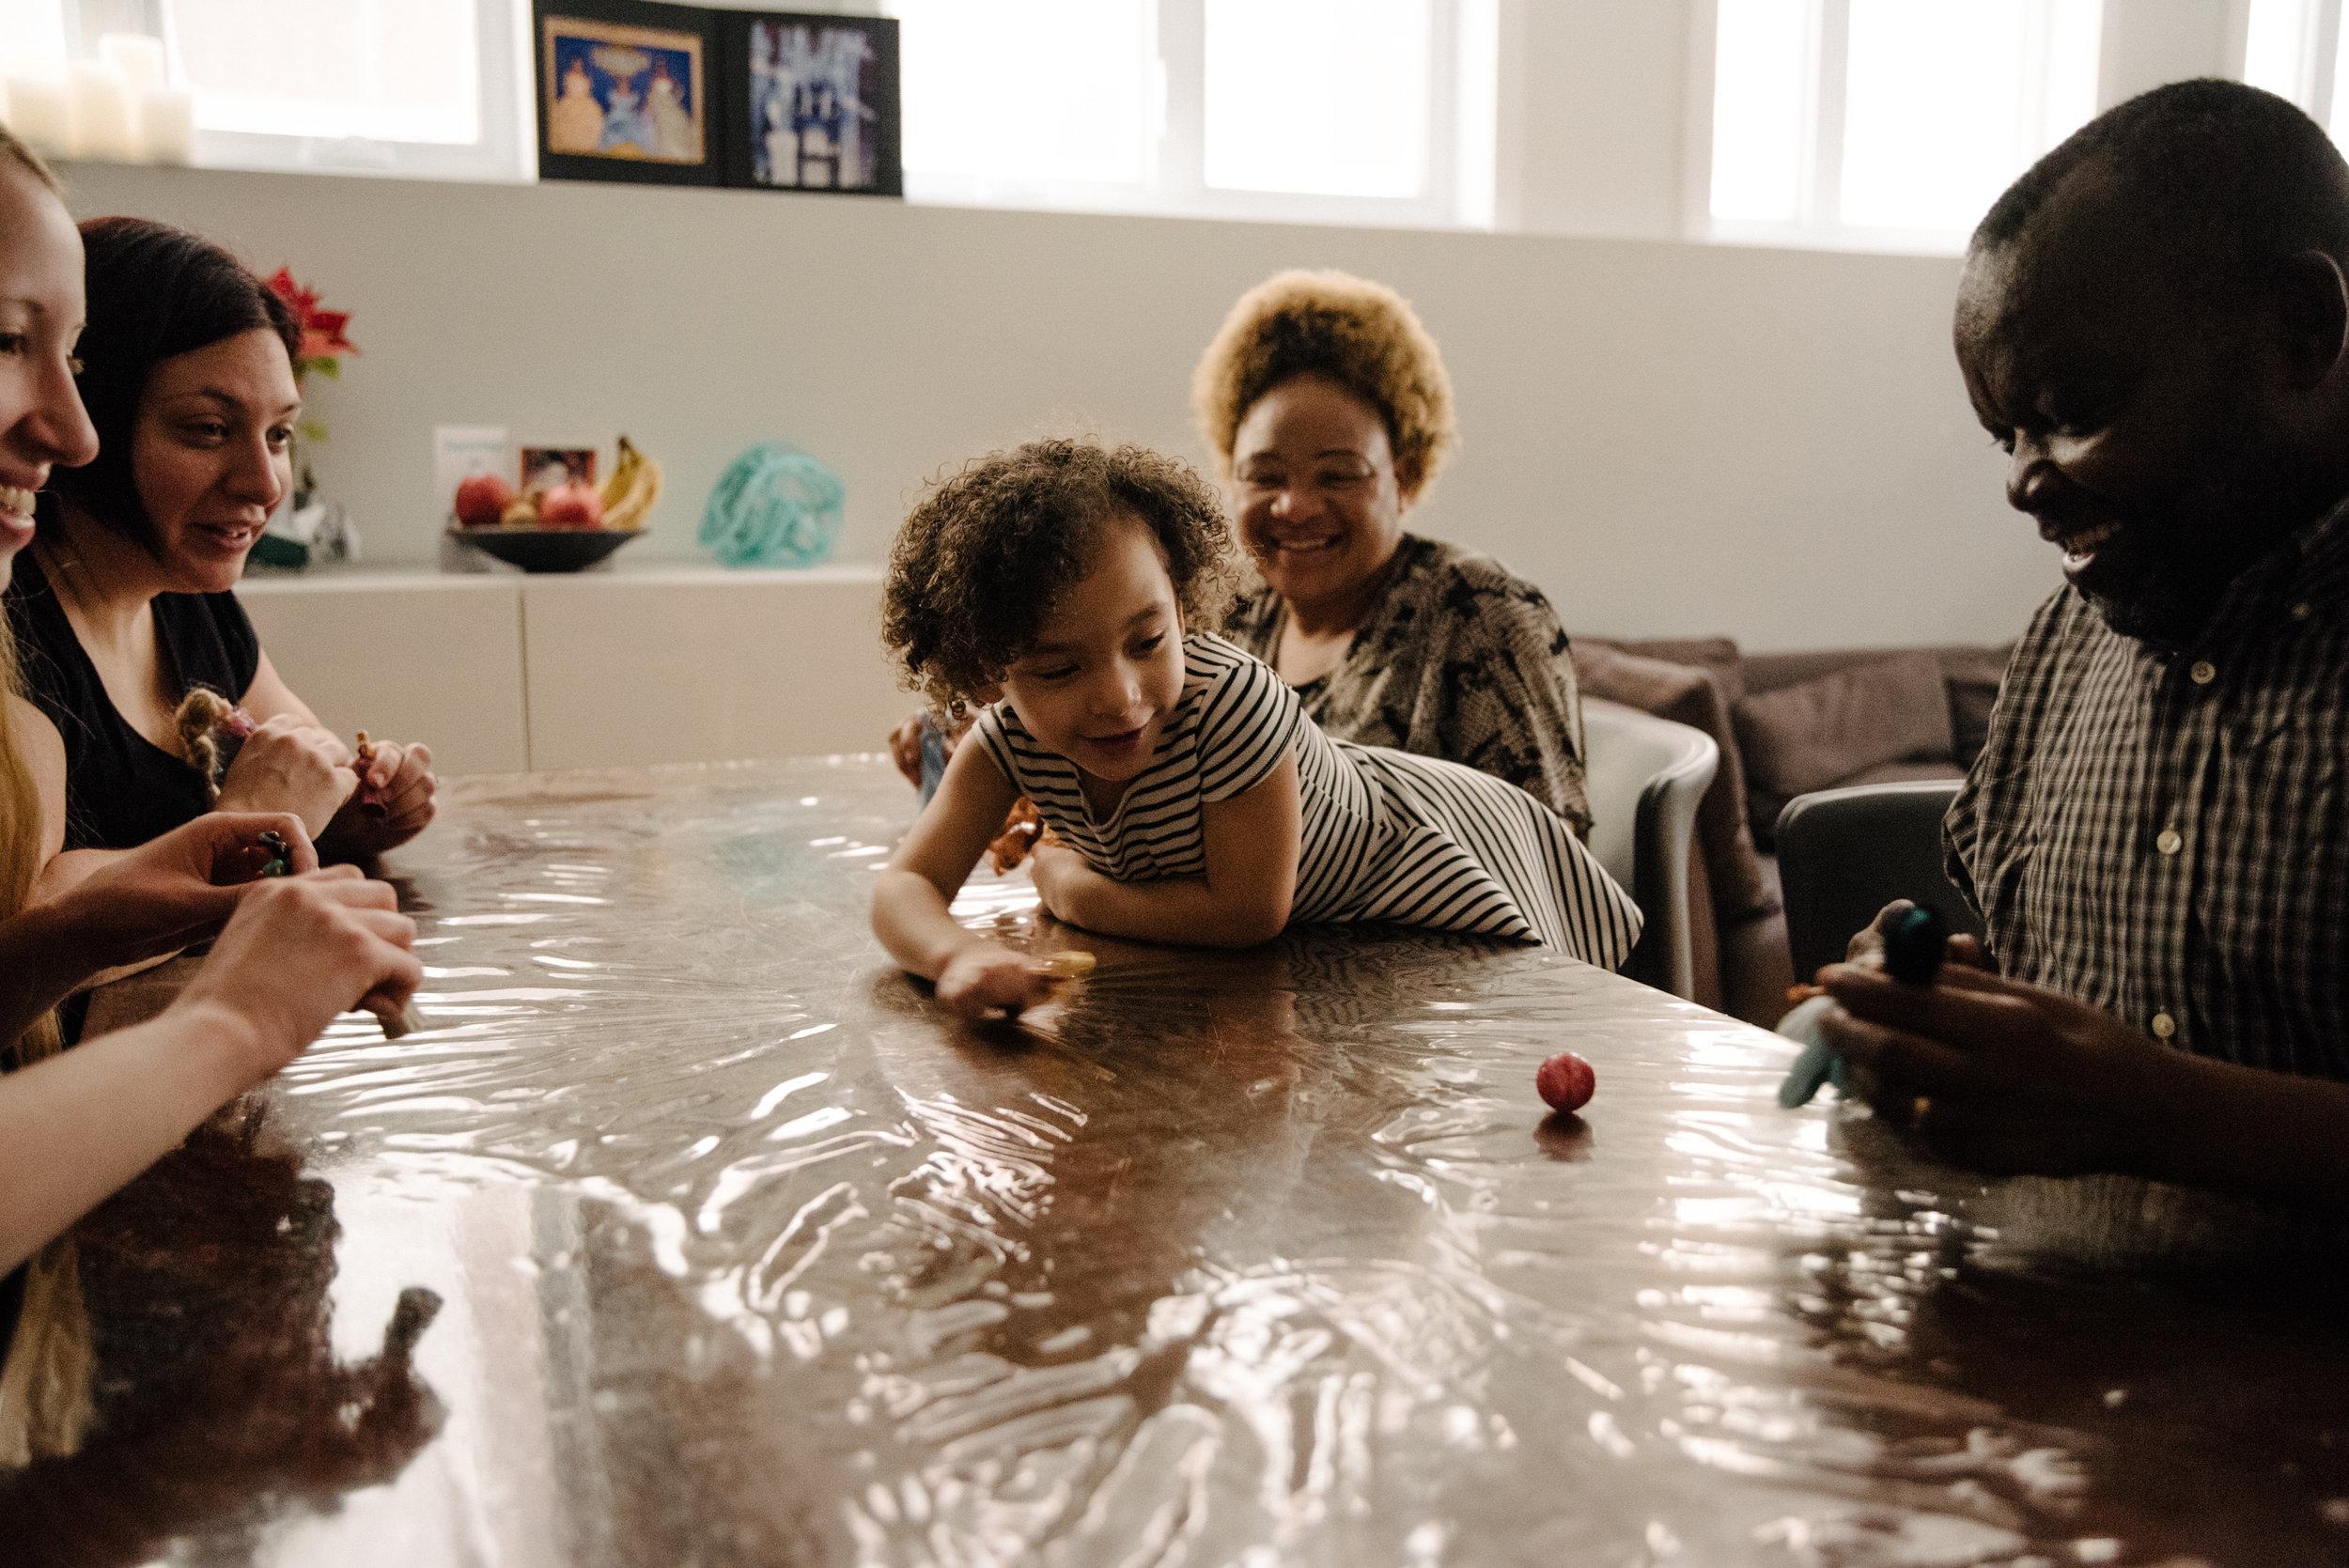 photo-de-soccer-sur-table-avec-des-poupees-photographe-de-famille-a-montreal-marianne-charland-1046.jpg